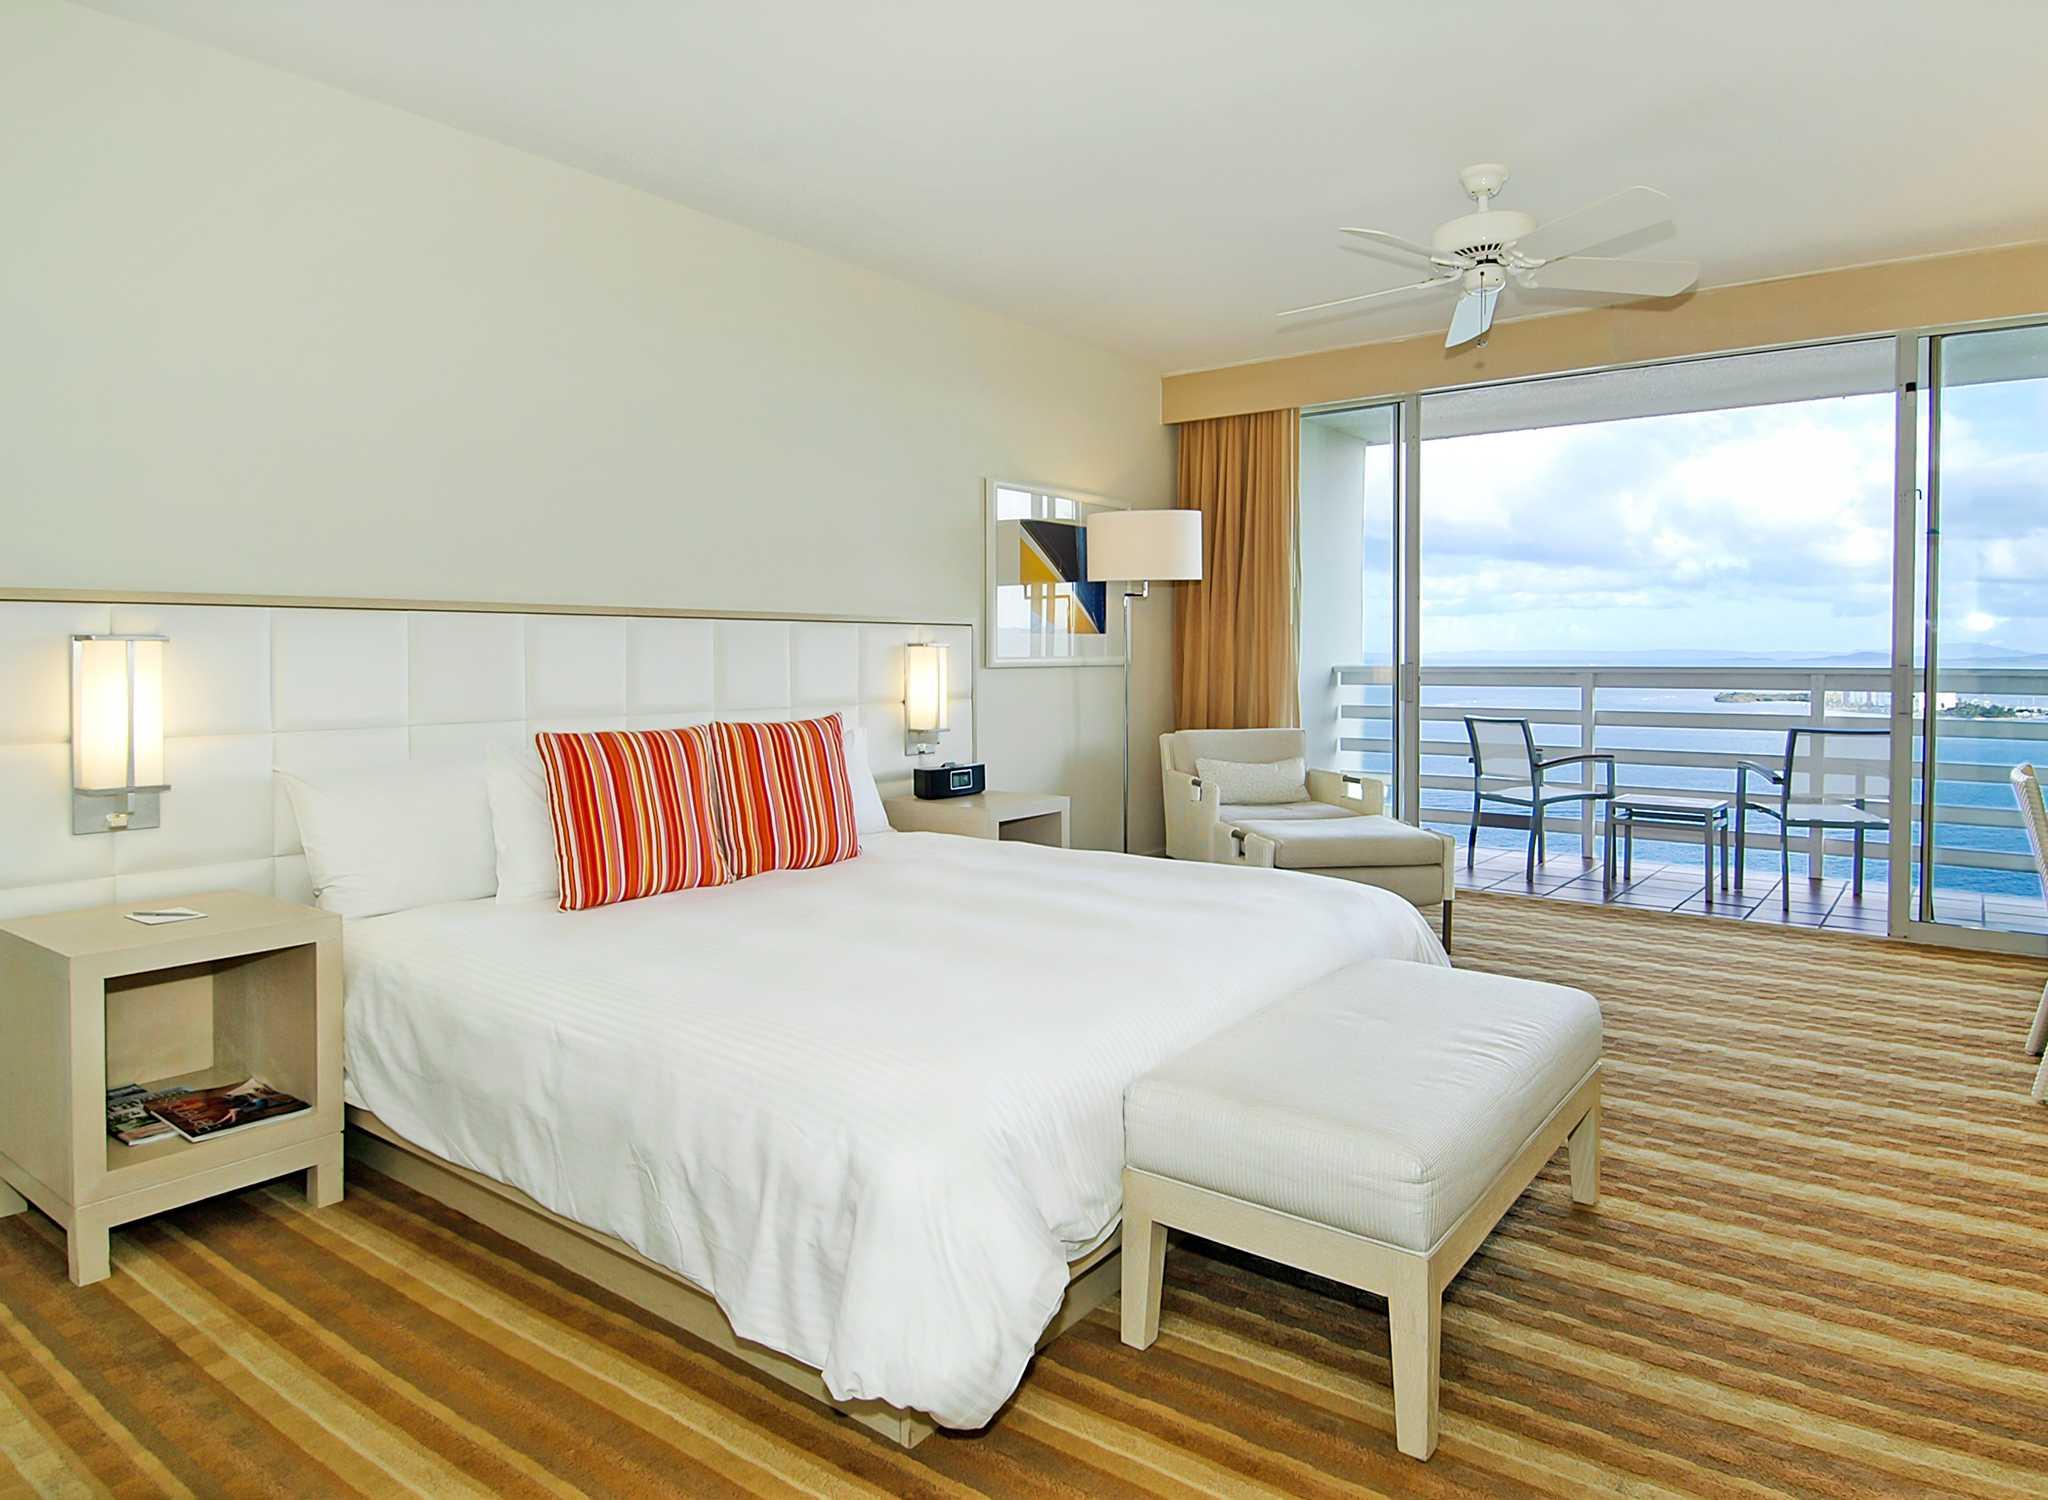 Hoteis E Resorts Em Porto Rico San Juan Hilton